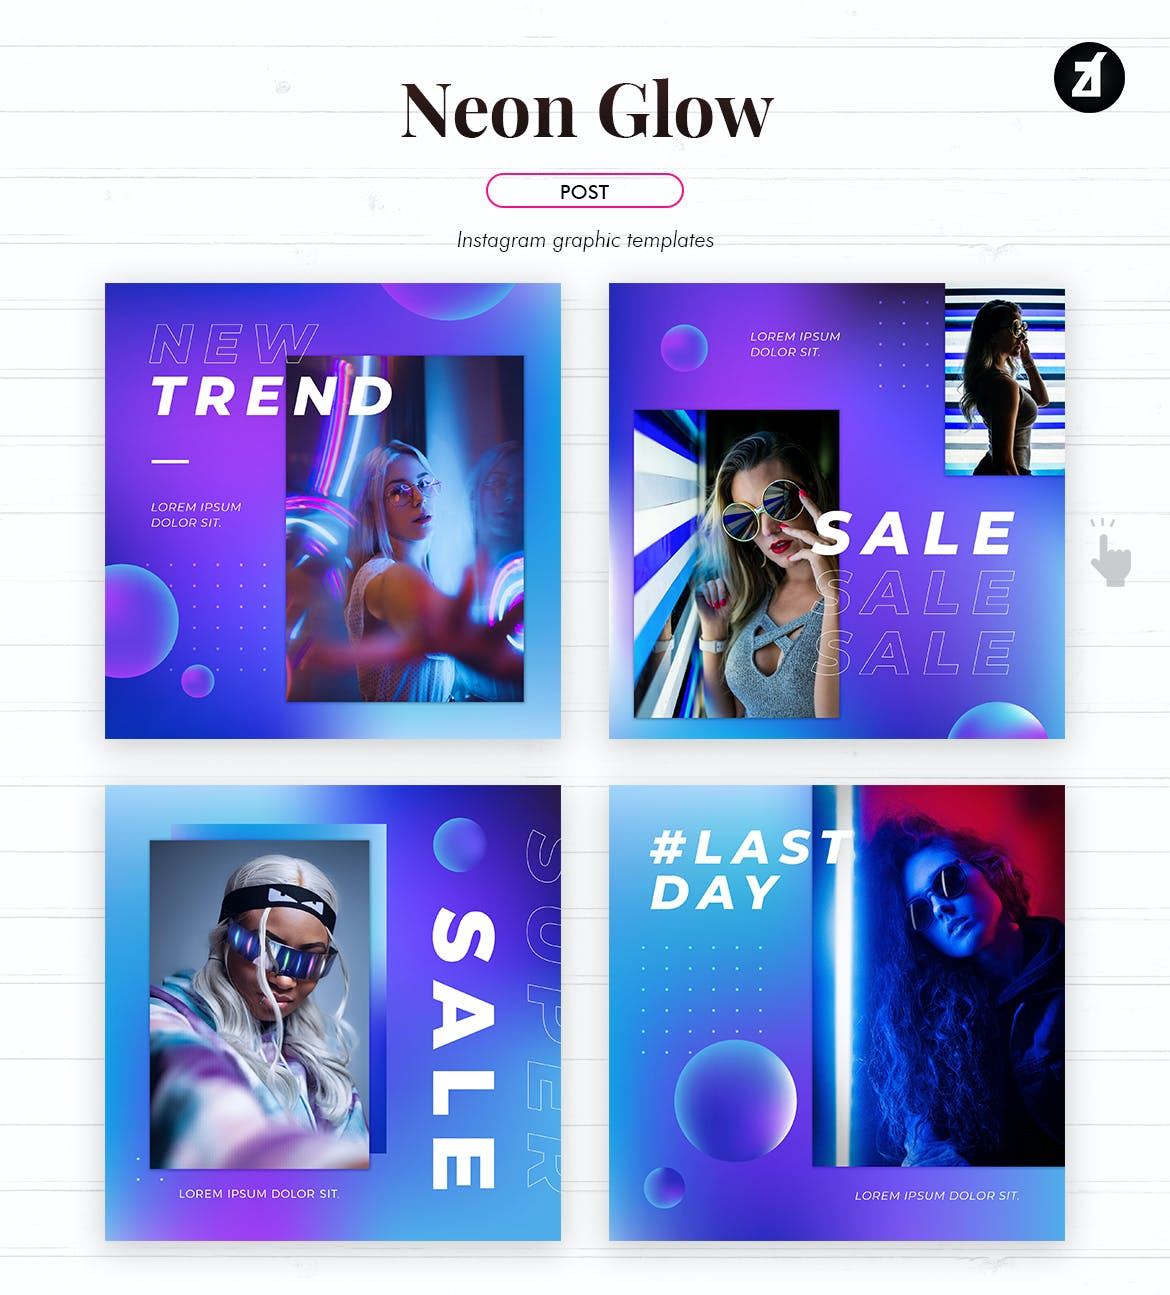 潮流霓虹灯效果品牌推广新媒体电商海报模板 Neon Glow Social Media Graphic Templates插图1